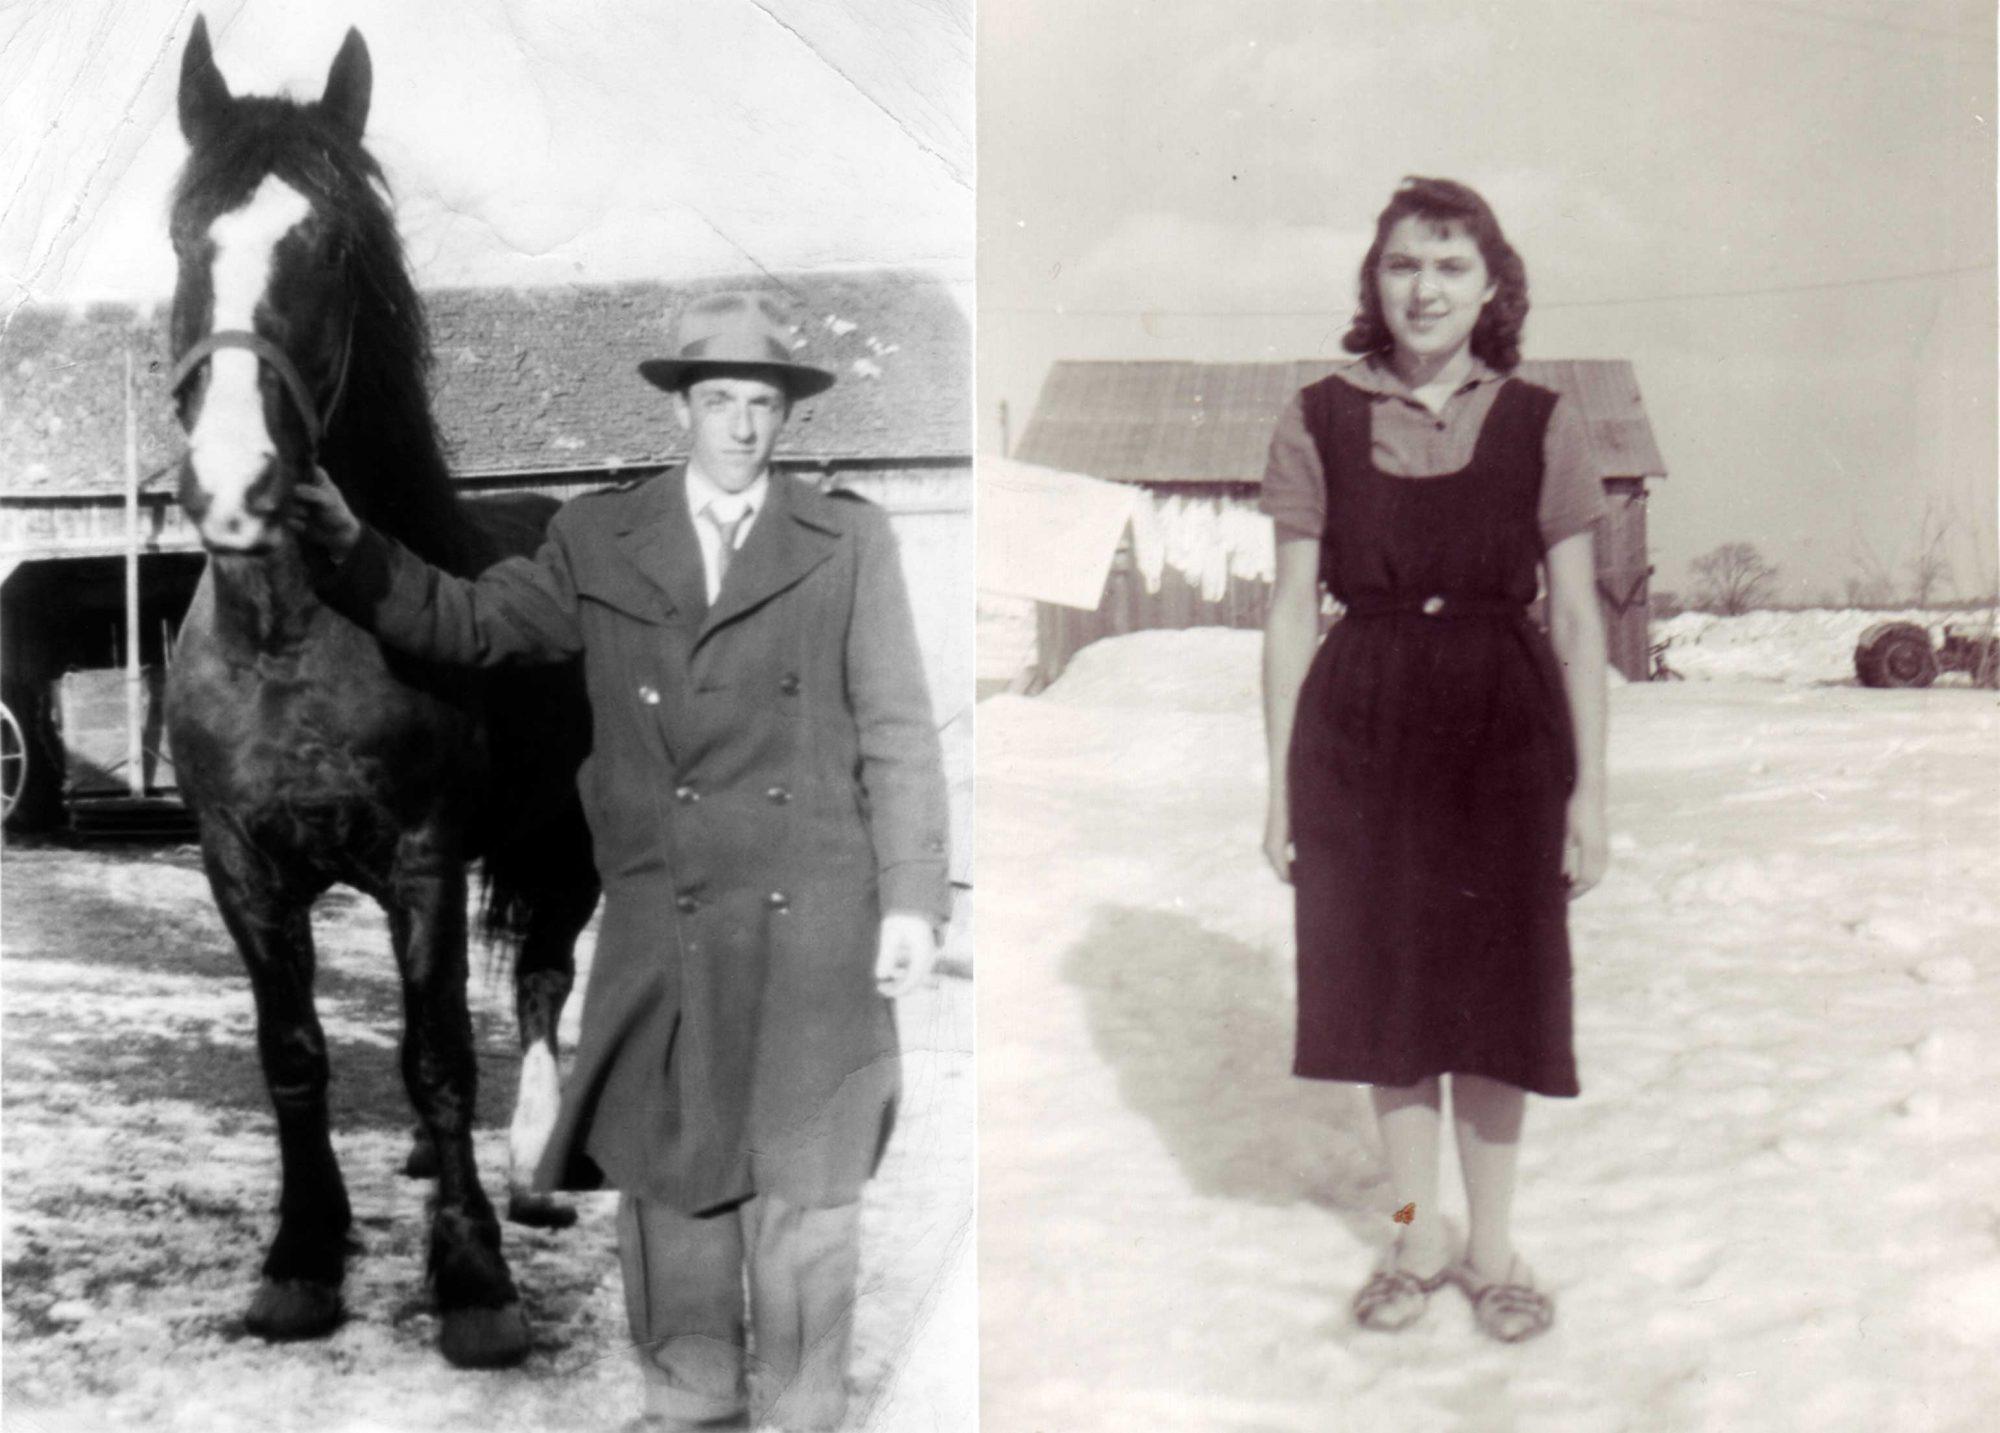 M. richer à 21 ans et Mme Lebeau à 18.